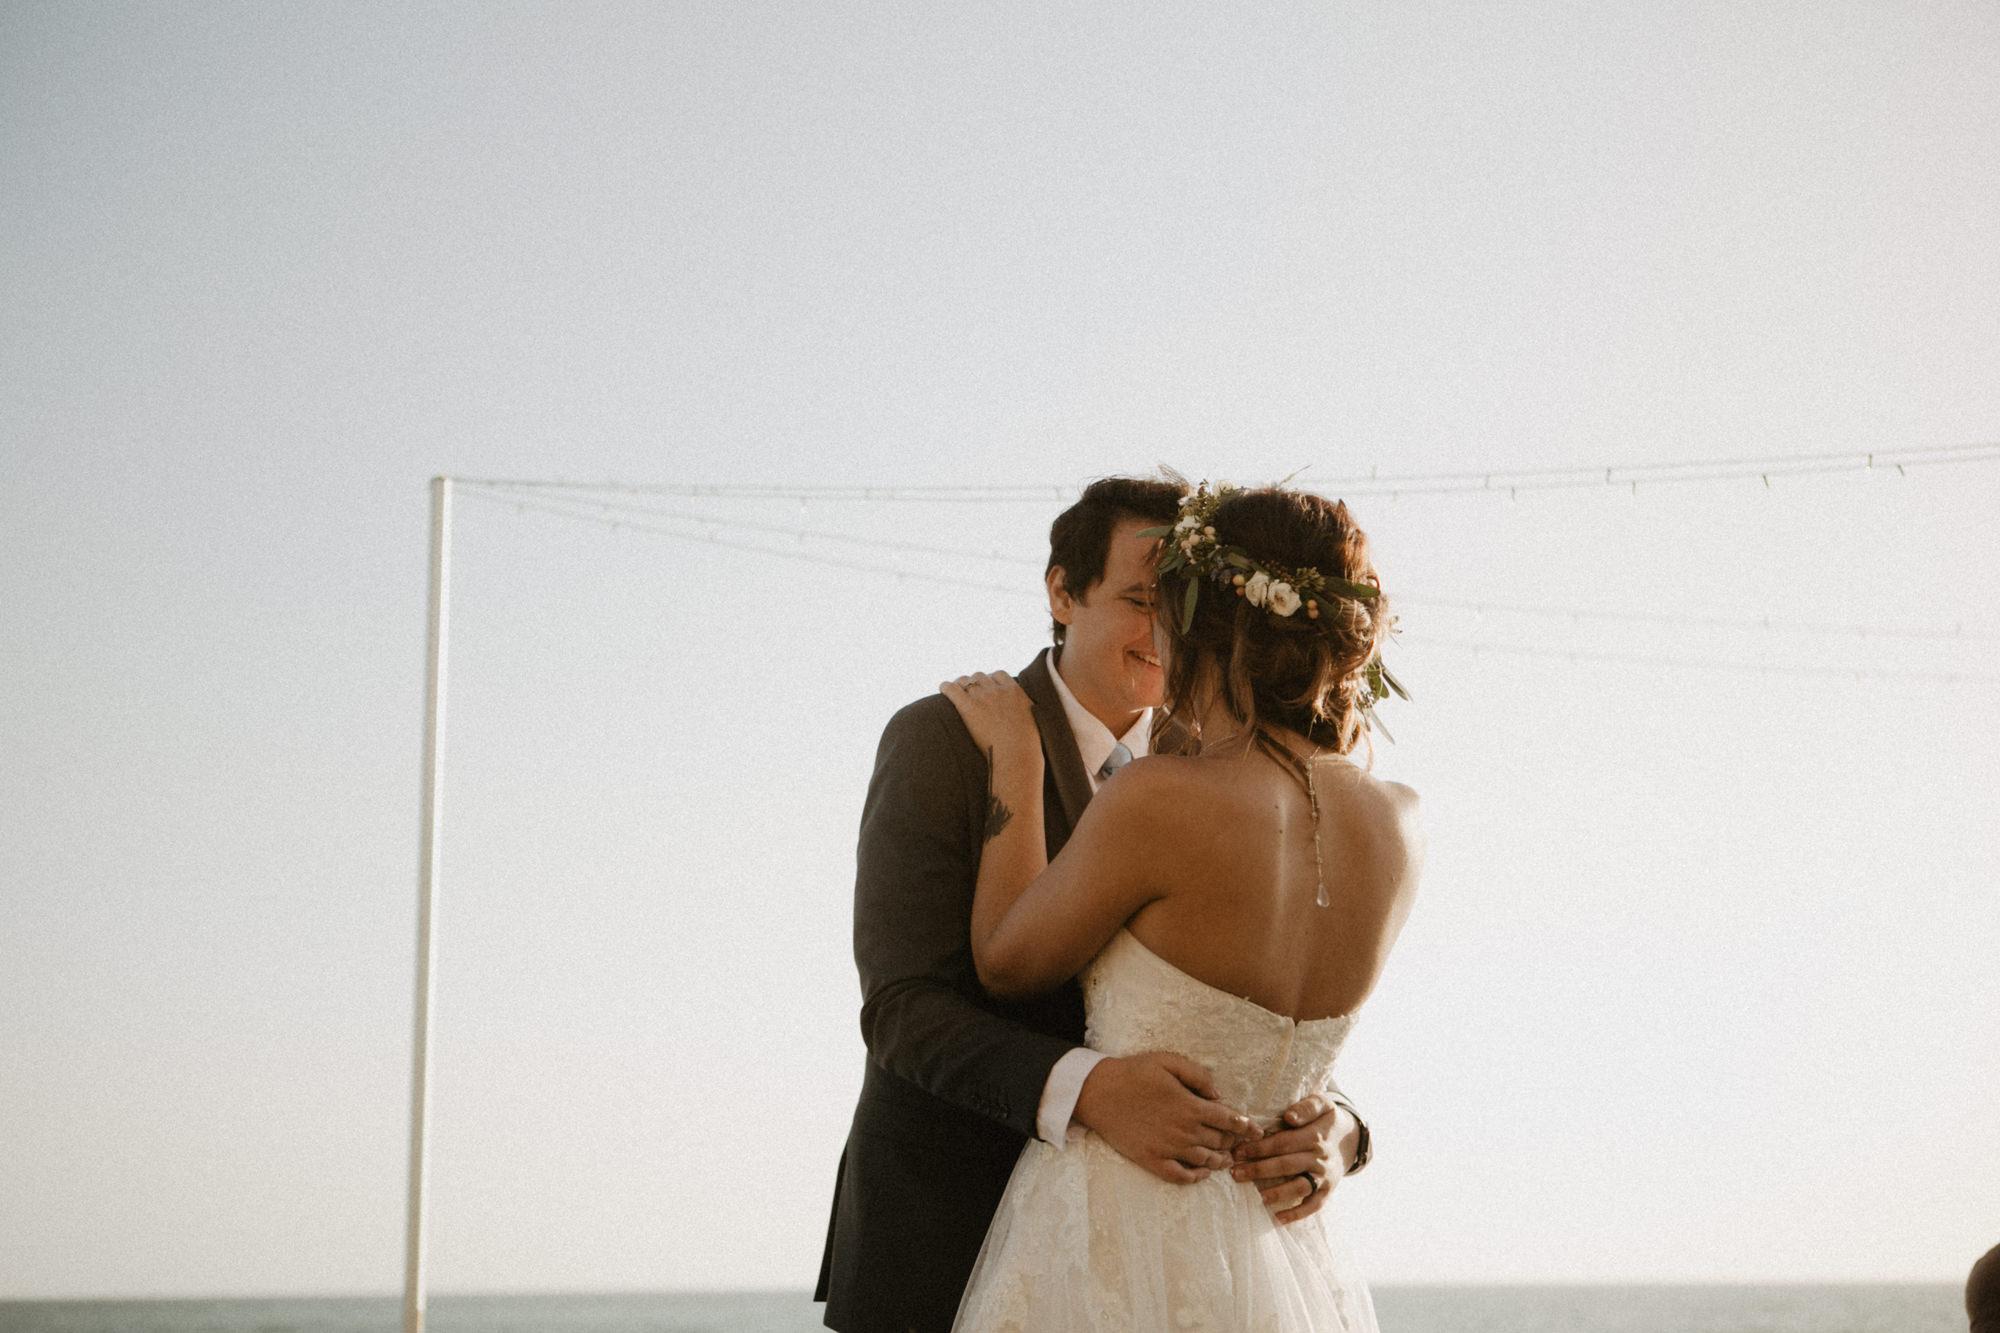 oceanside_airbnb_wedding-51.jpg